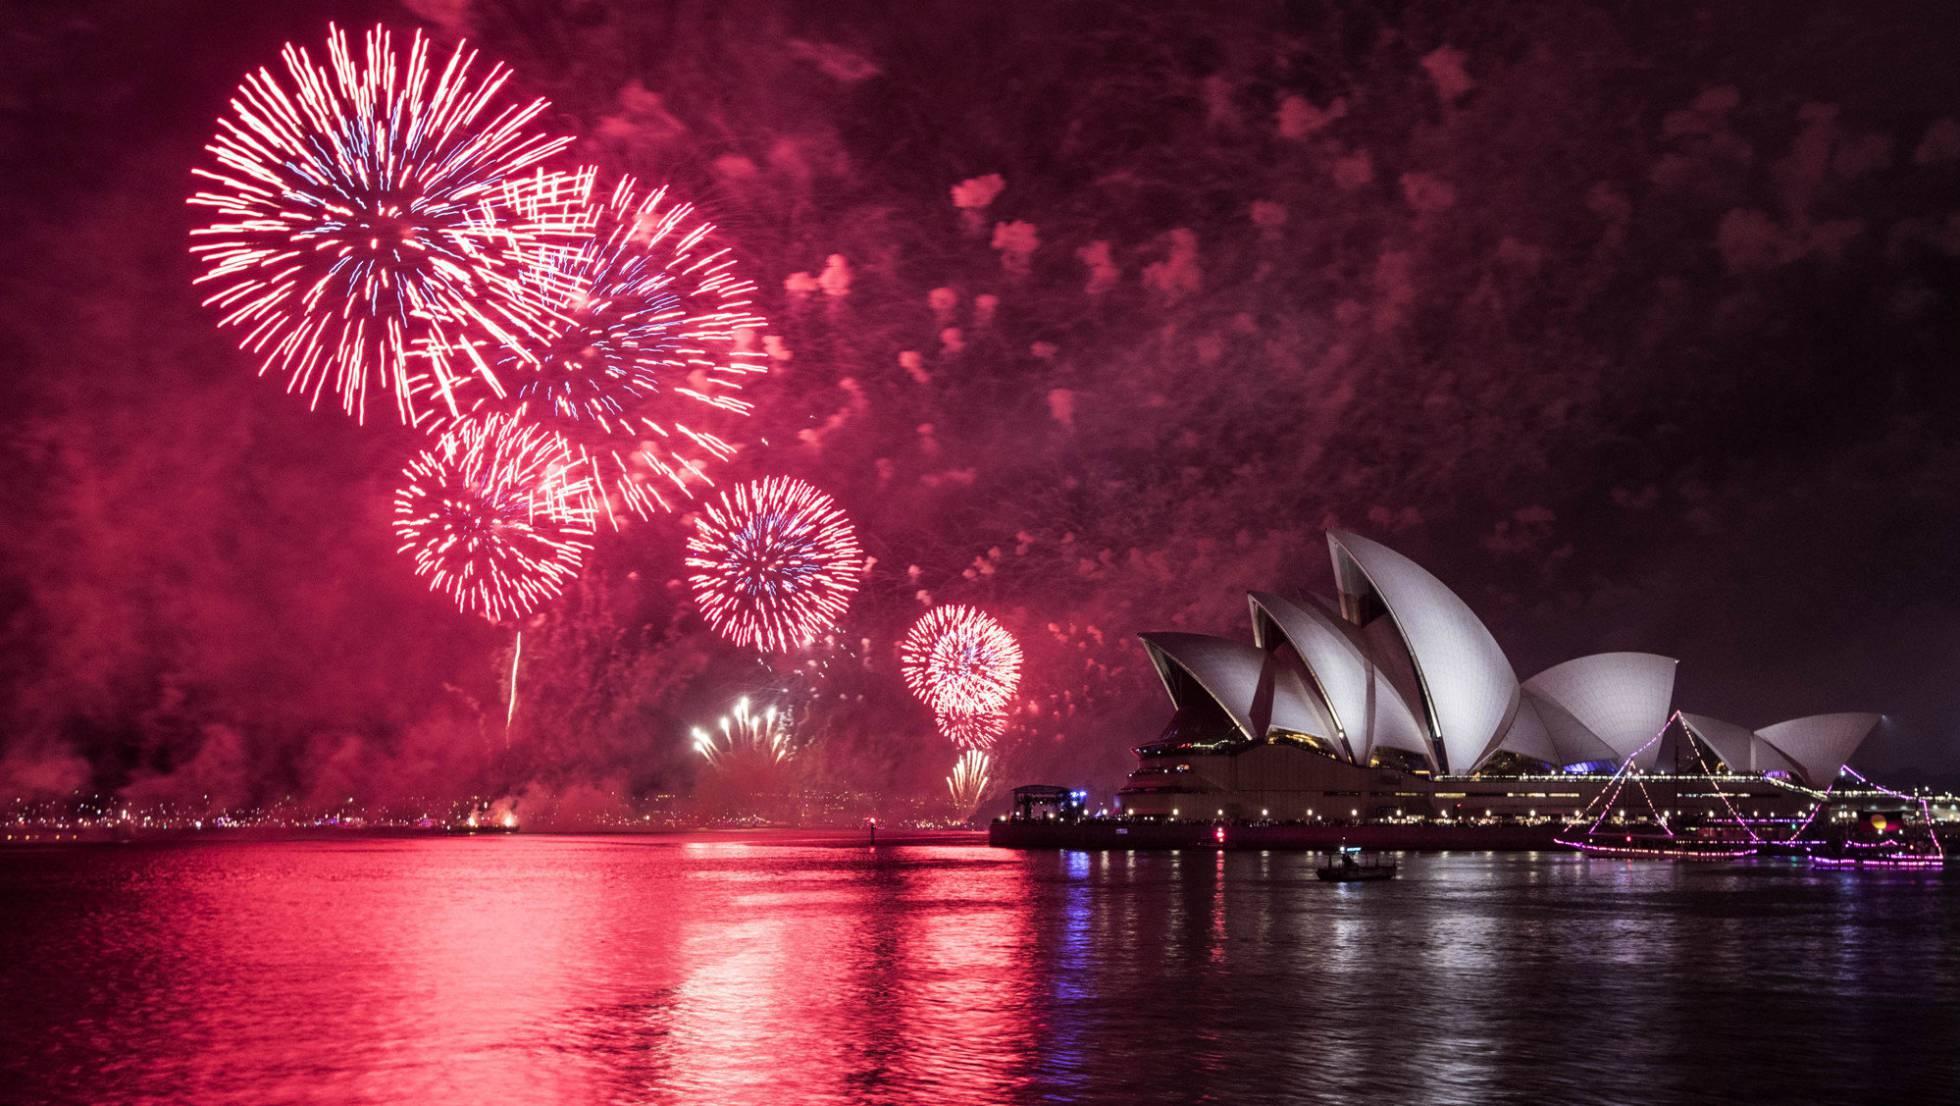 Fotos Feliz Año Nuevo 2019 Las Celebraciones Alrededor Del Mundo